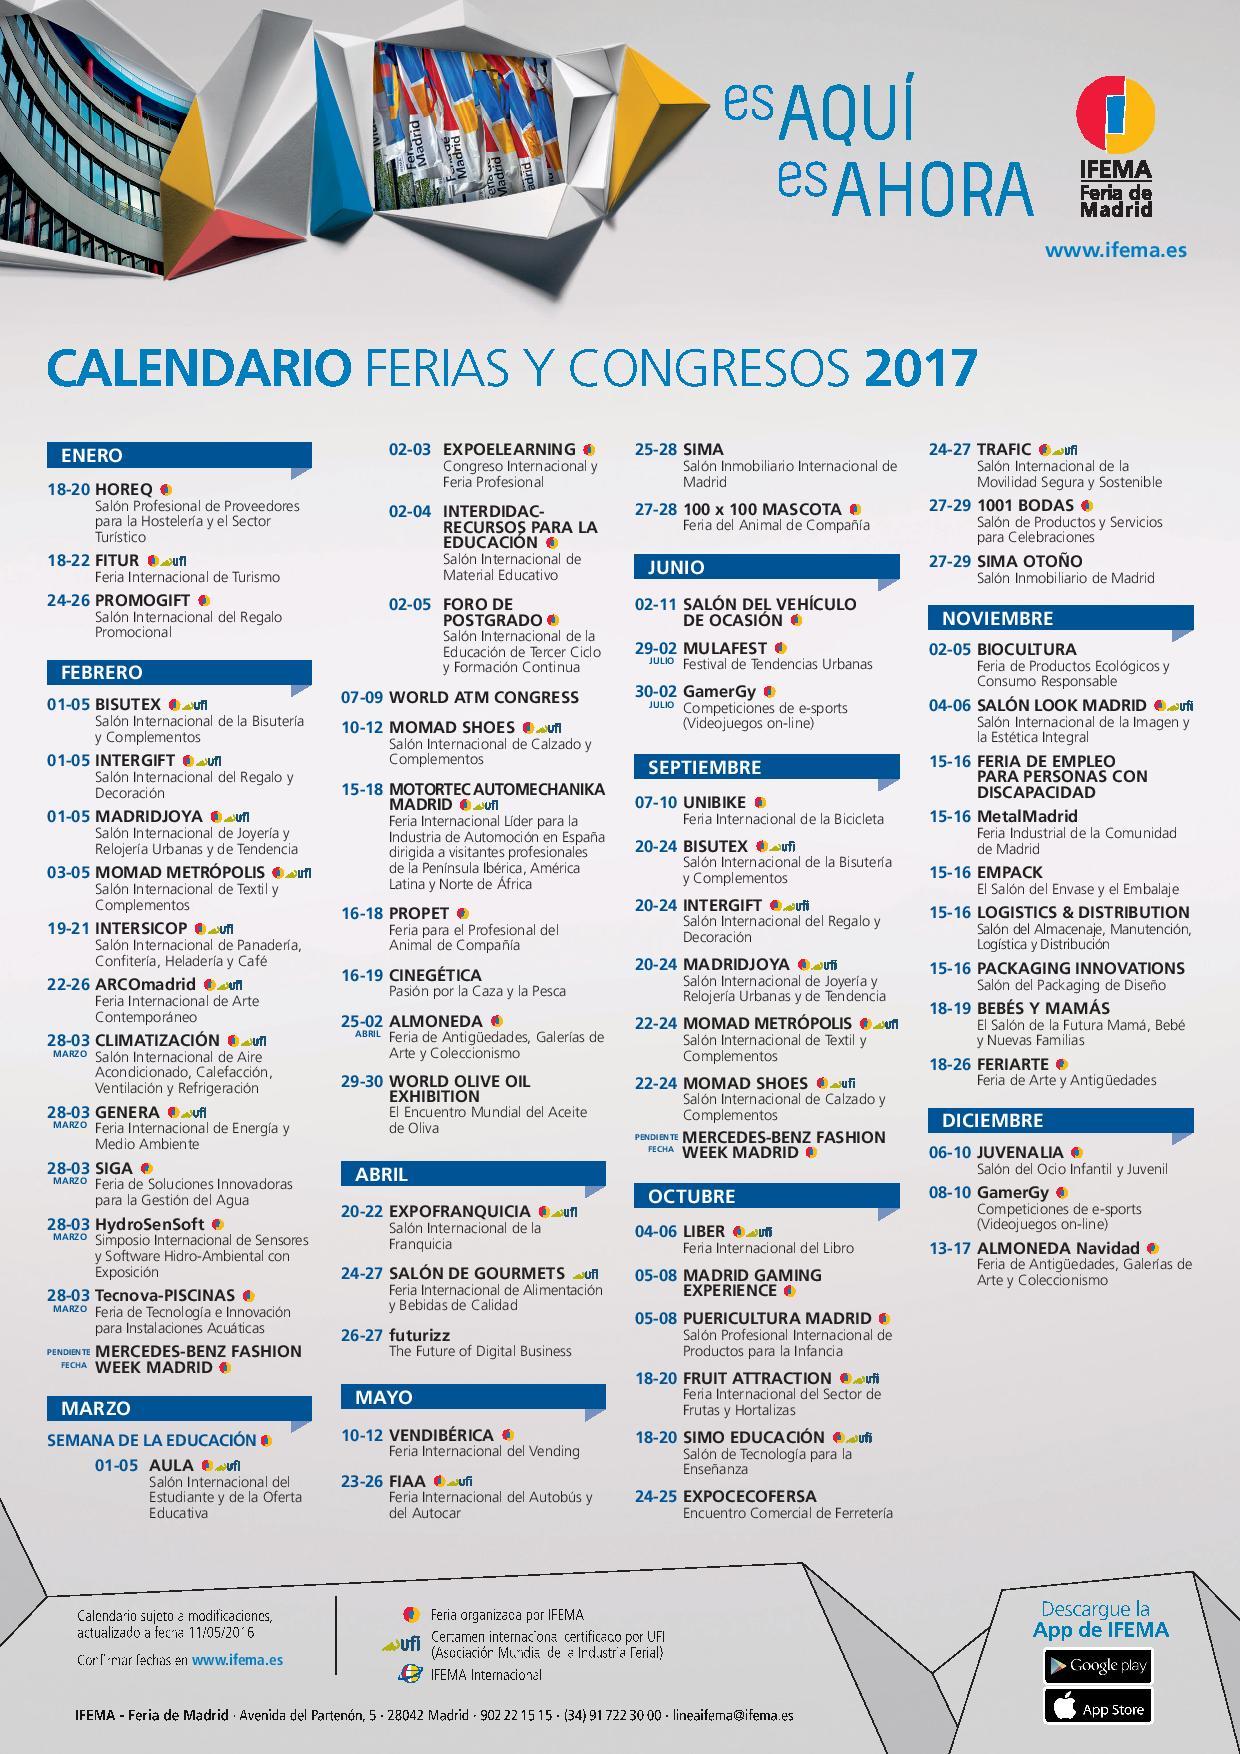 Ifema 2017